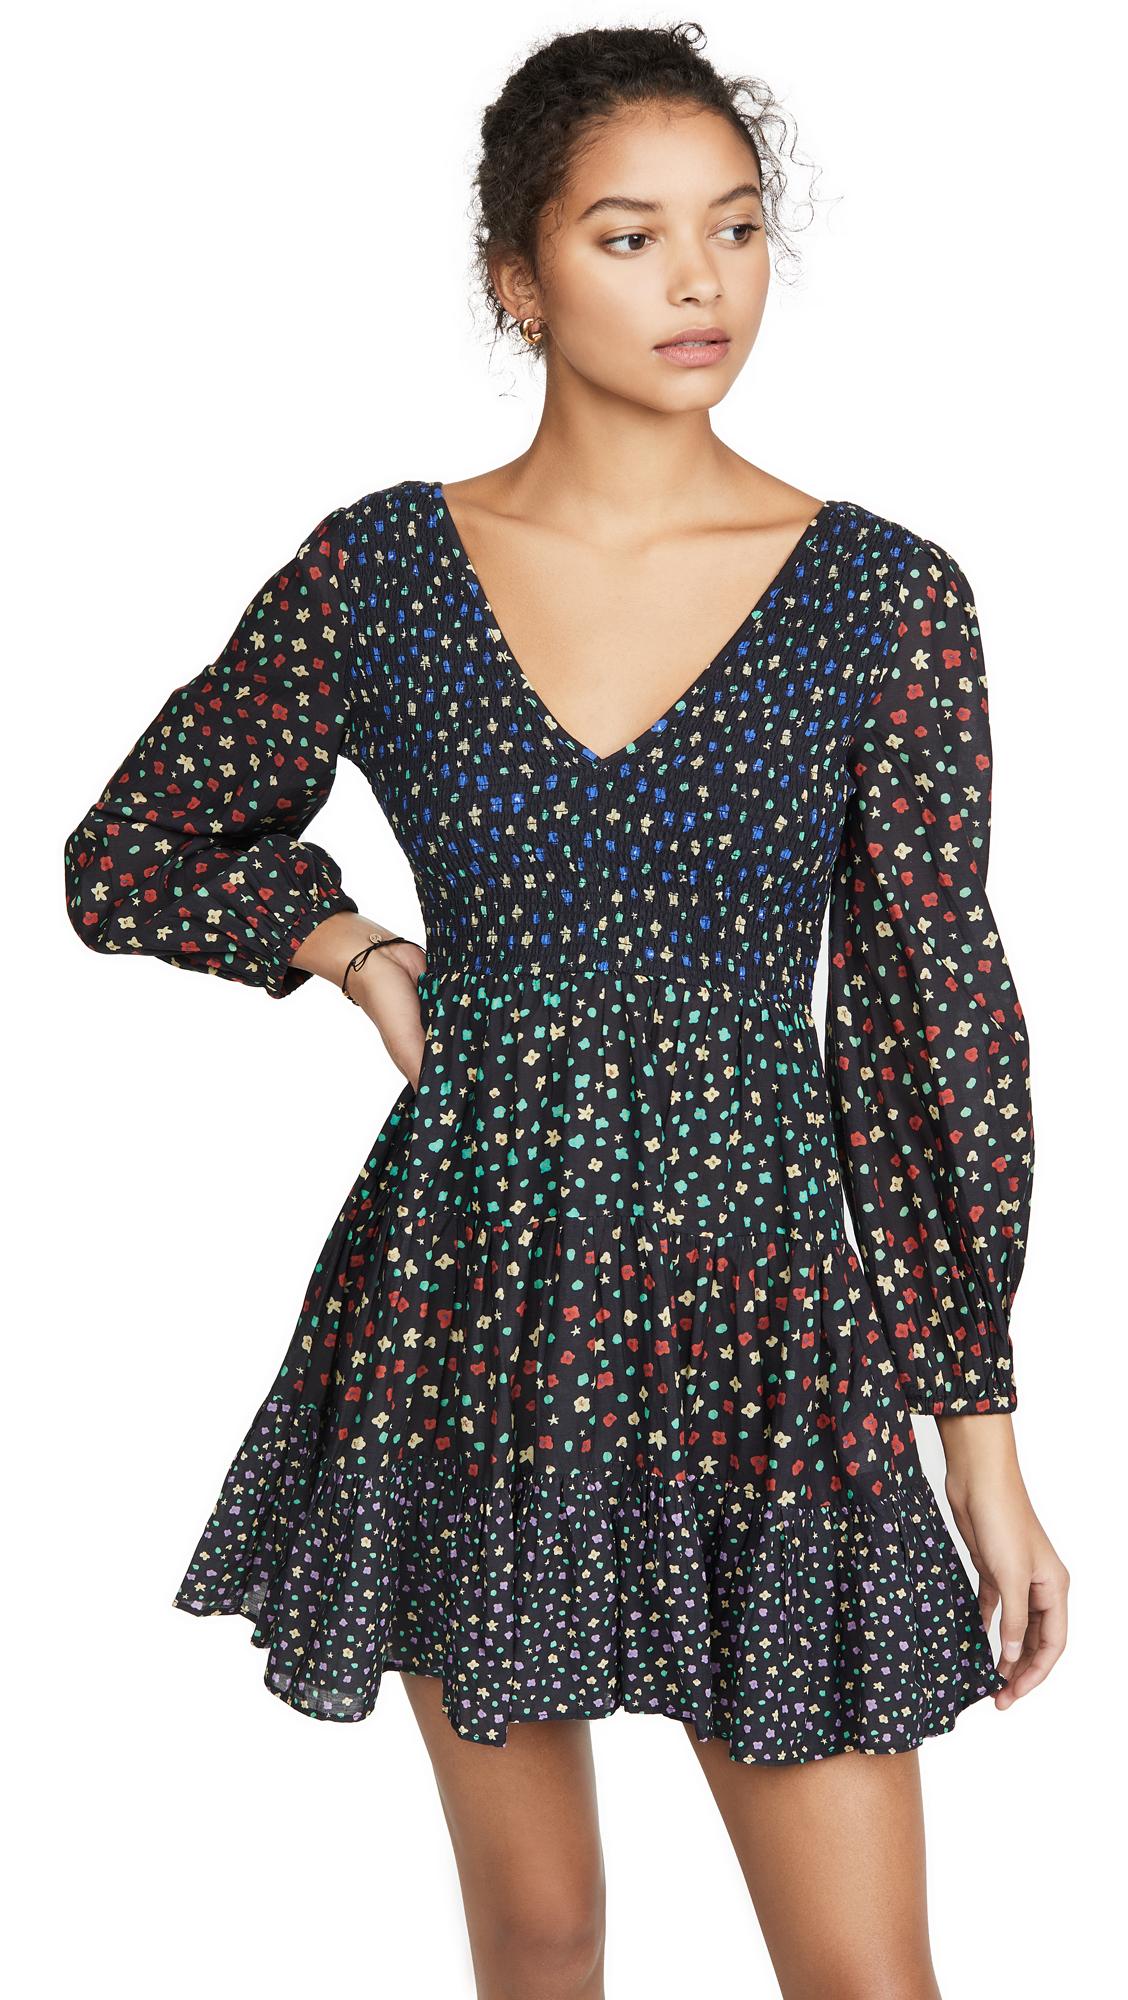 RIXO Sasha Dress - 50% Off Sale